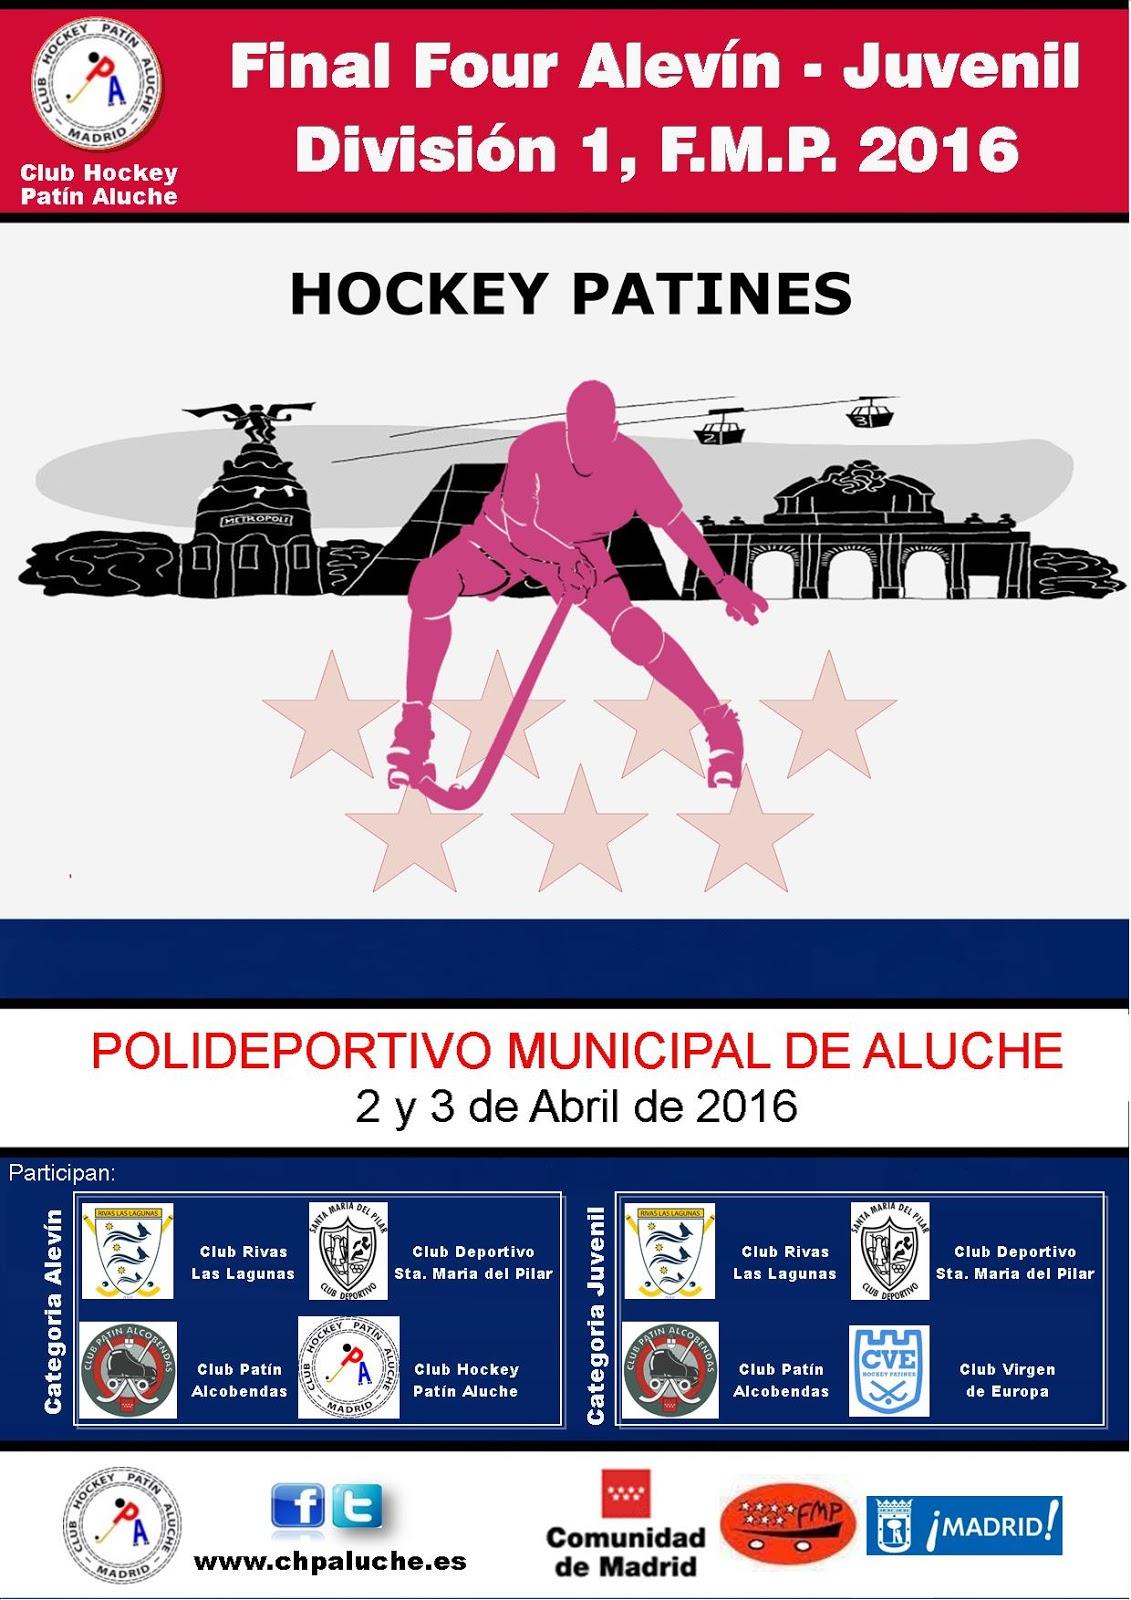 Club hockey pat n aluche organiza la final de la copa for Pistas de patinaje sobre ruedas en madrid